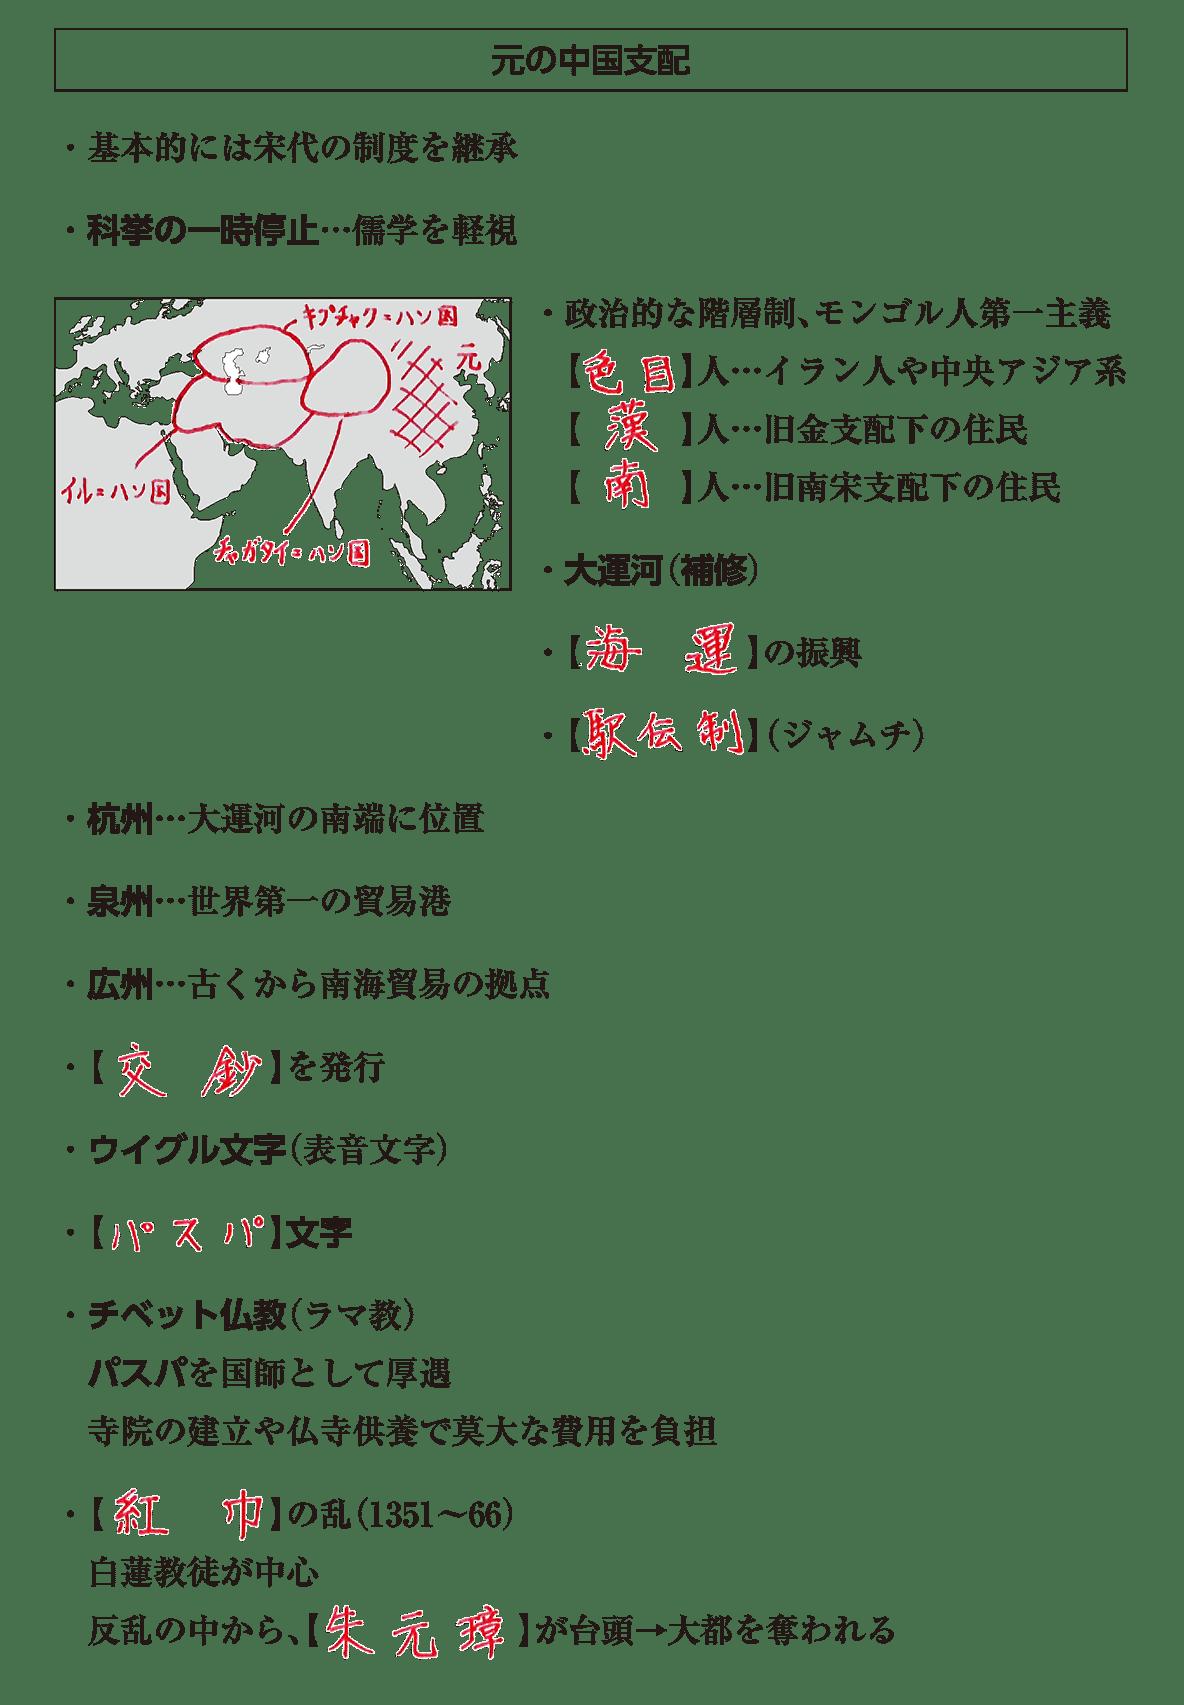 高校世界史 東アジア世界の展開5 ポ2 答え全部